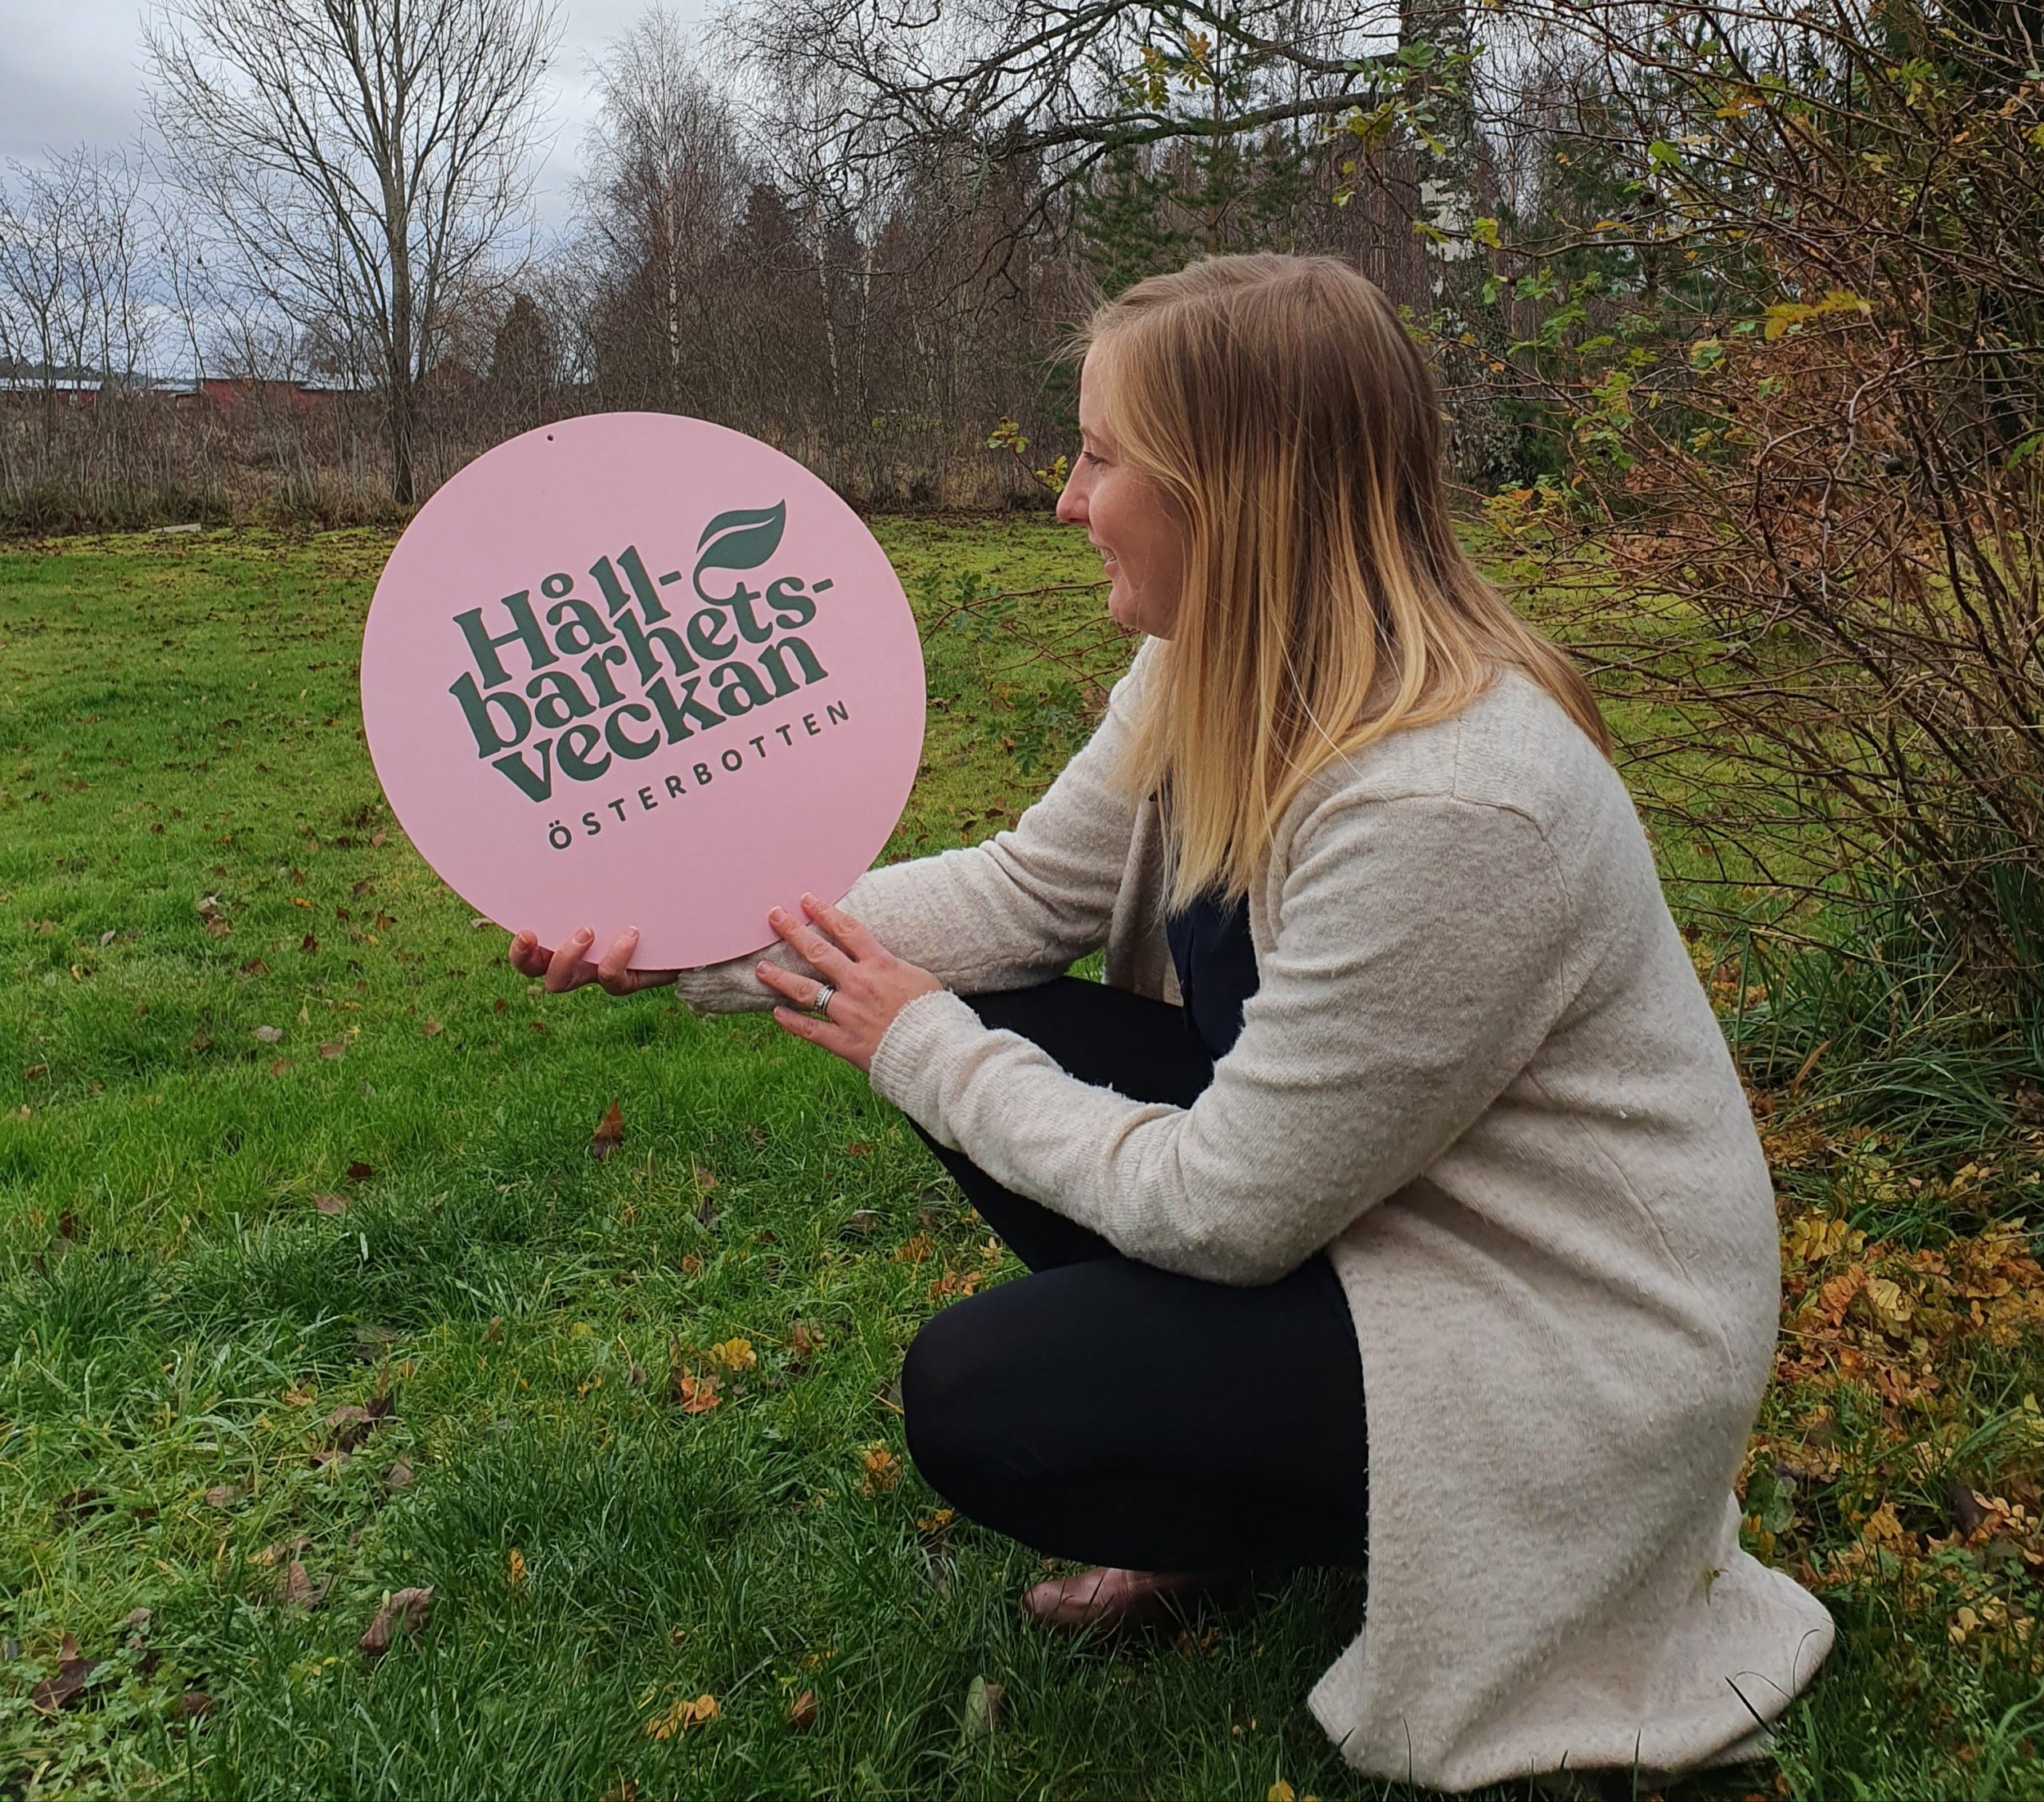 Nordiskt miljöpris till 4Hs projektsatsning på hållbarhet featured image